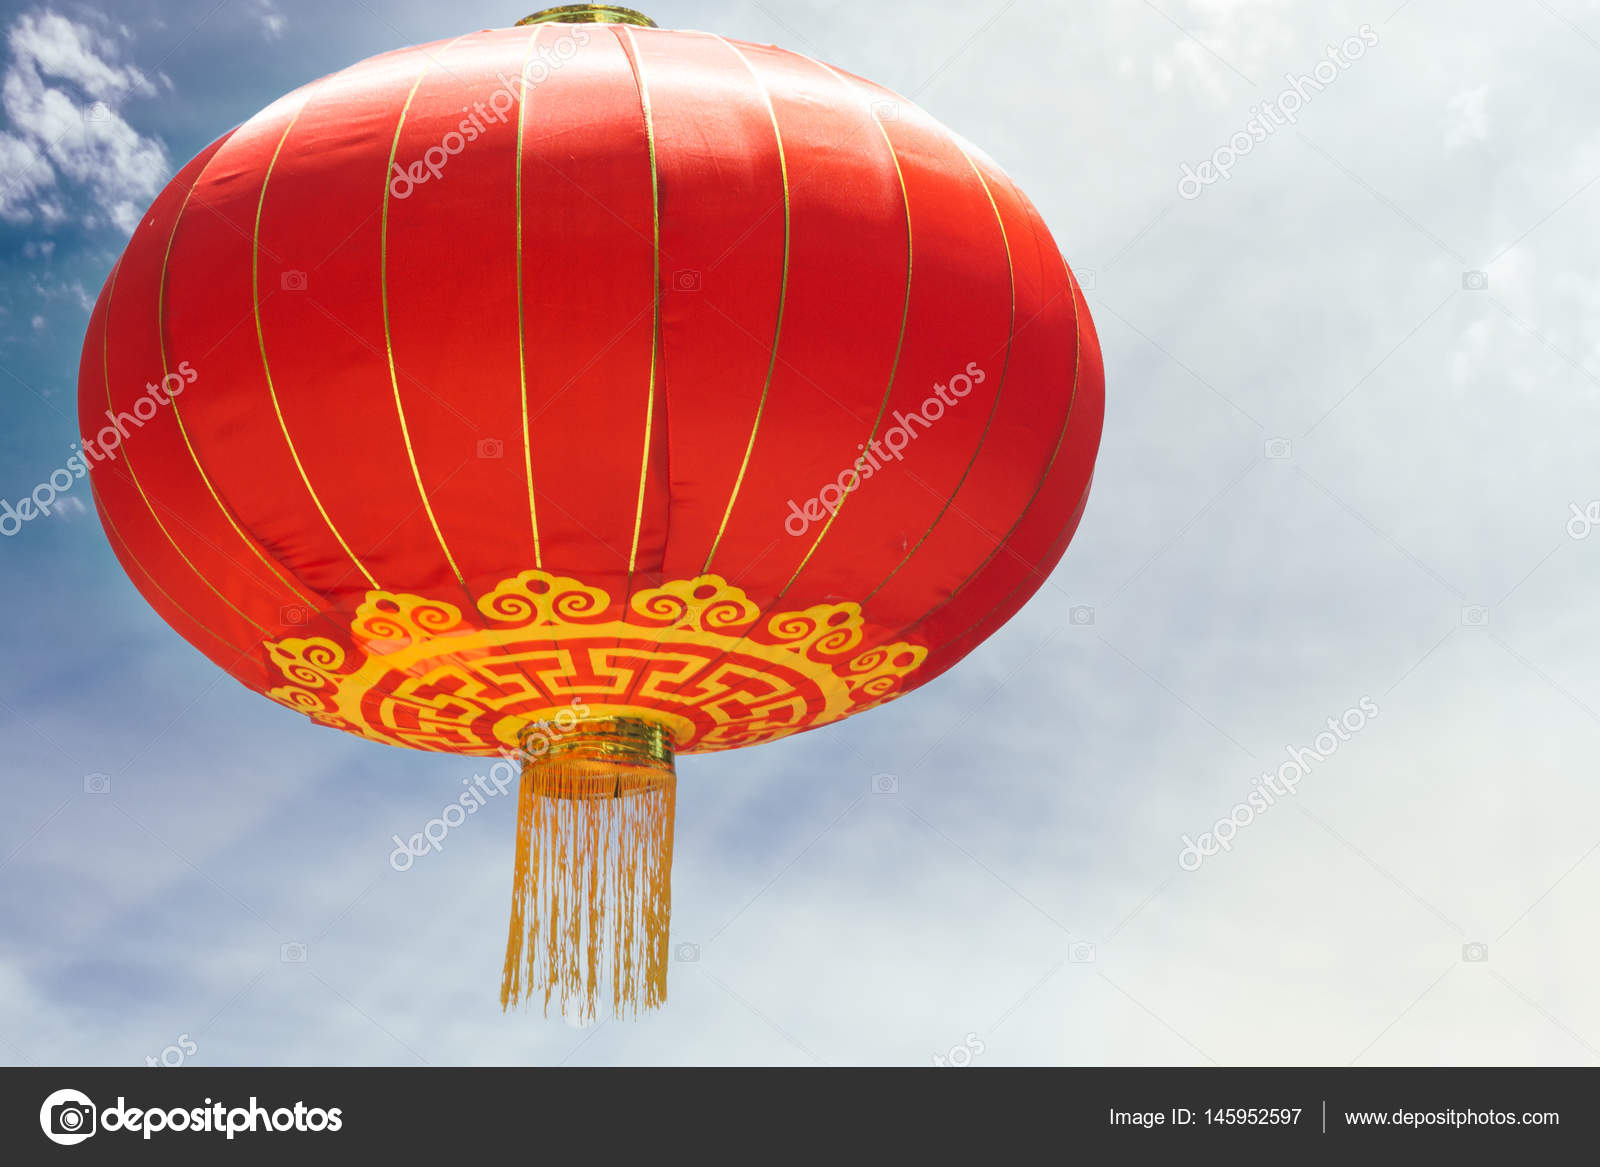 Chinesische Gegen Wolken Blauen Himmel Mit Sonne Lampe Rote ynOwN0vm8